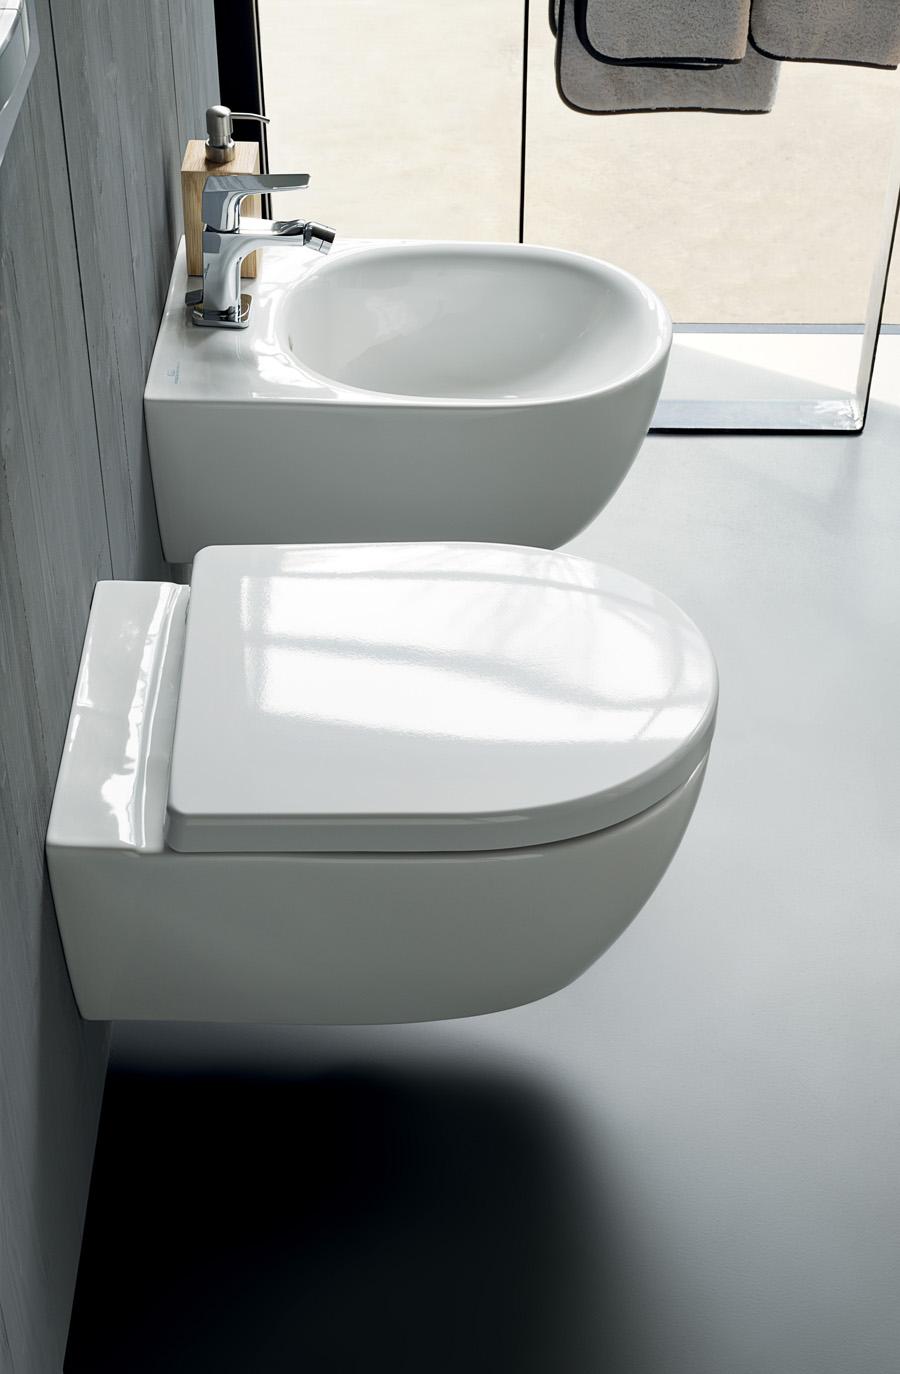 Pozzi Ginori FAST vaso sospeso con tecnologia RIMFREE completo di sedile con chiusura ammortizzata e bidet